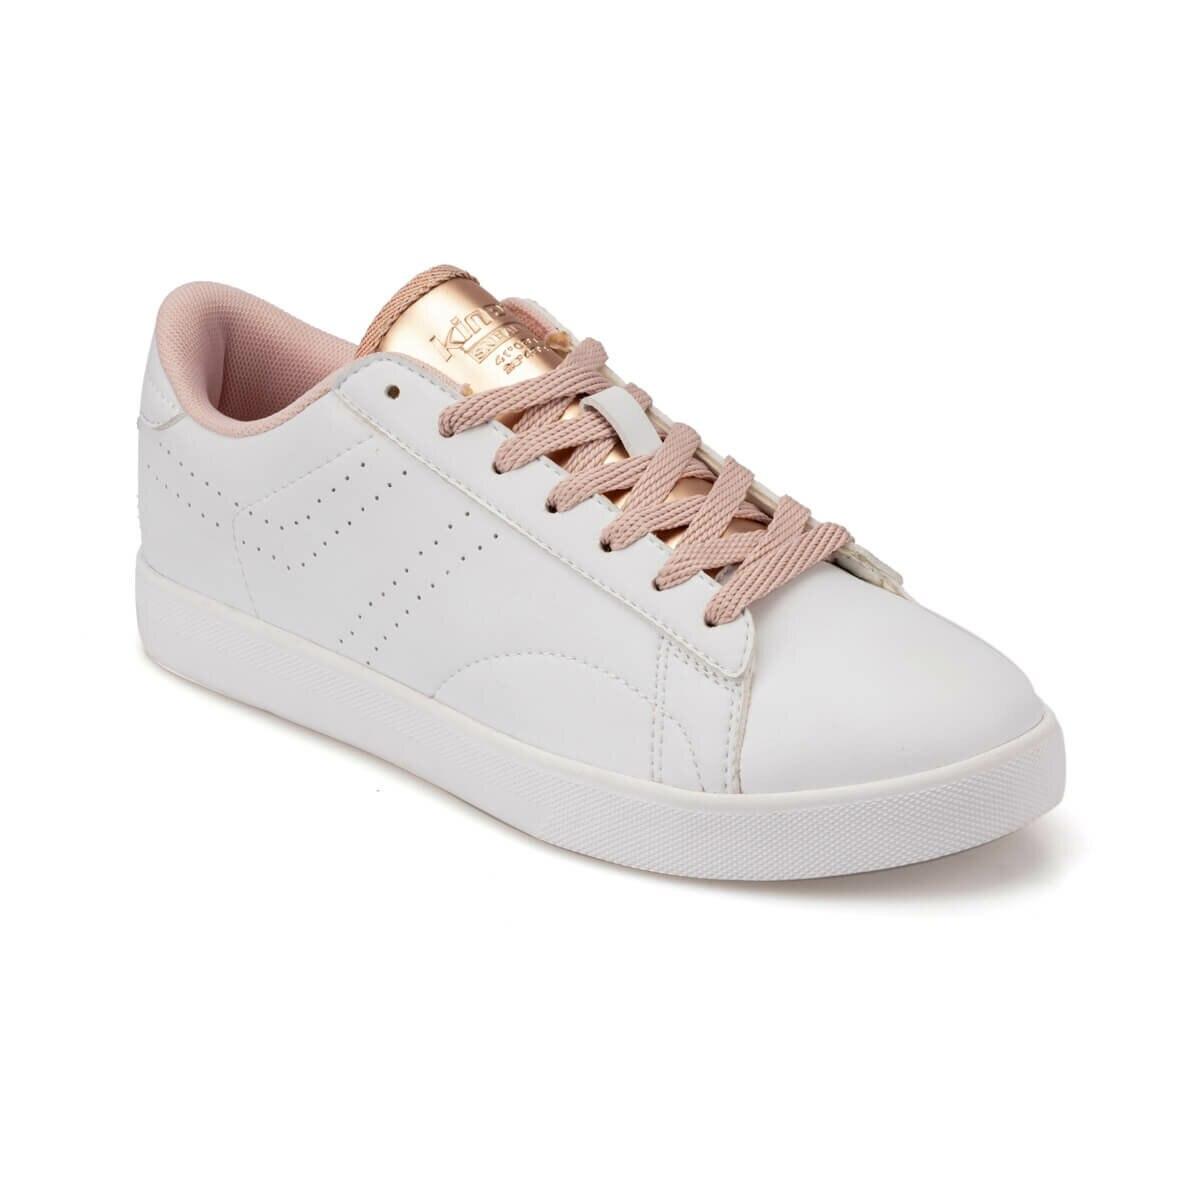 FLO SUPREM W 9PR White Women 'S Sneaker Shoes KINETIX